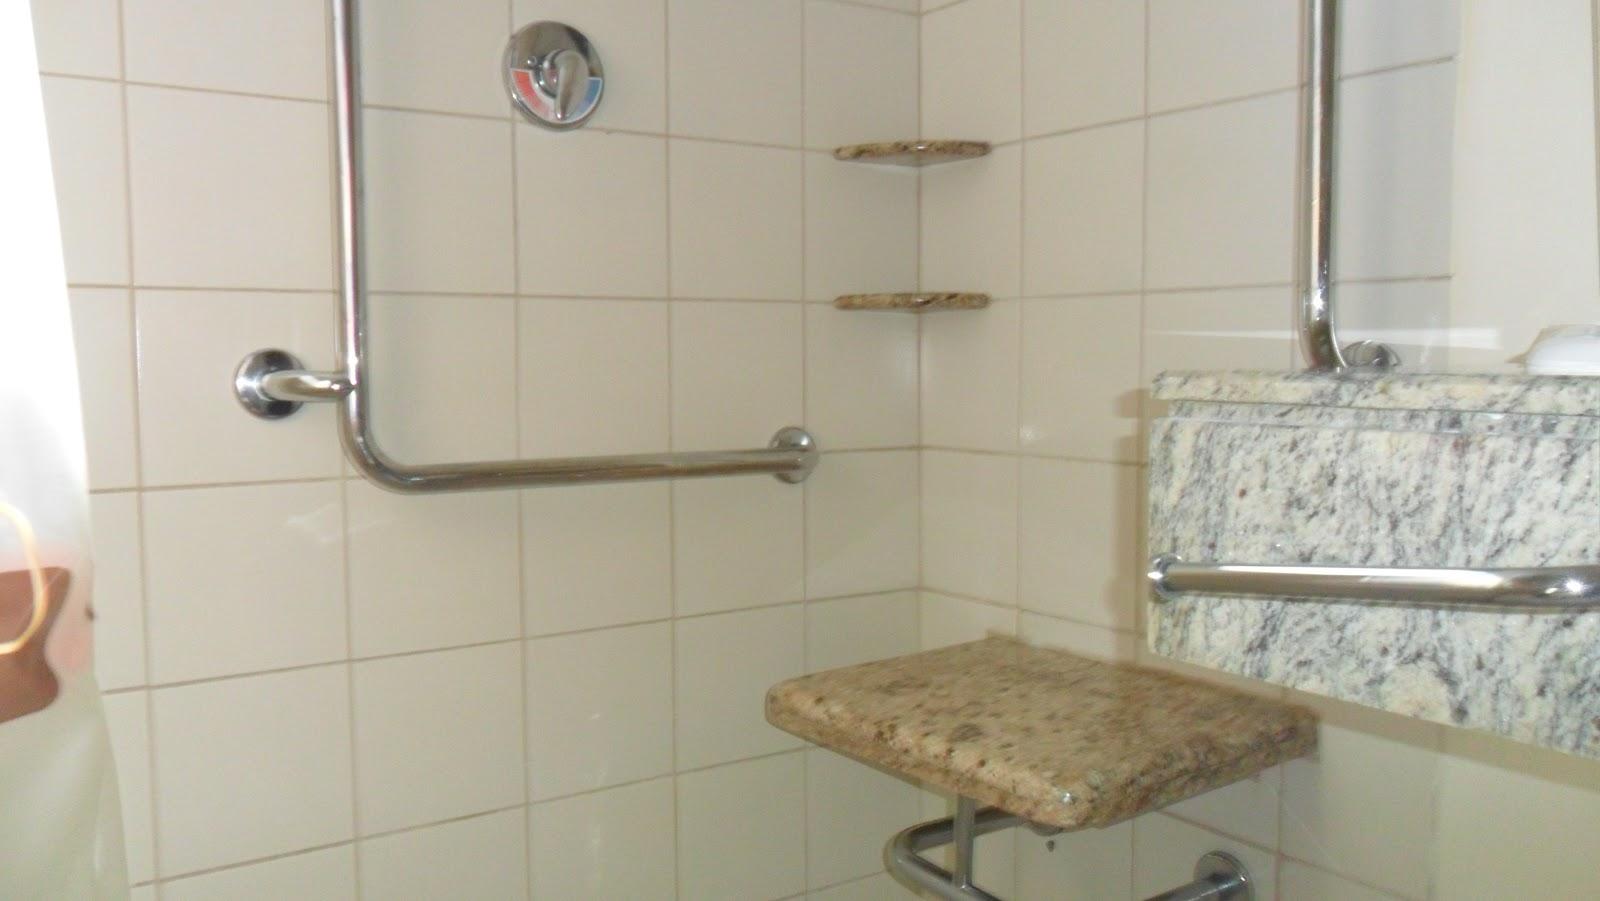 BLOG DAS PESSOAS COM DEFICIÊNCIA: SÉRIE BANHEIRO ACESSÍVEL ? 1# #78674B 1600x901 Banheiro Acessivel Com Pia